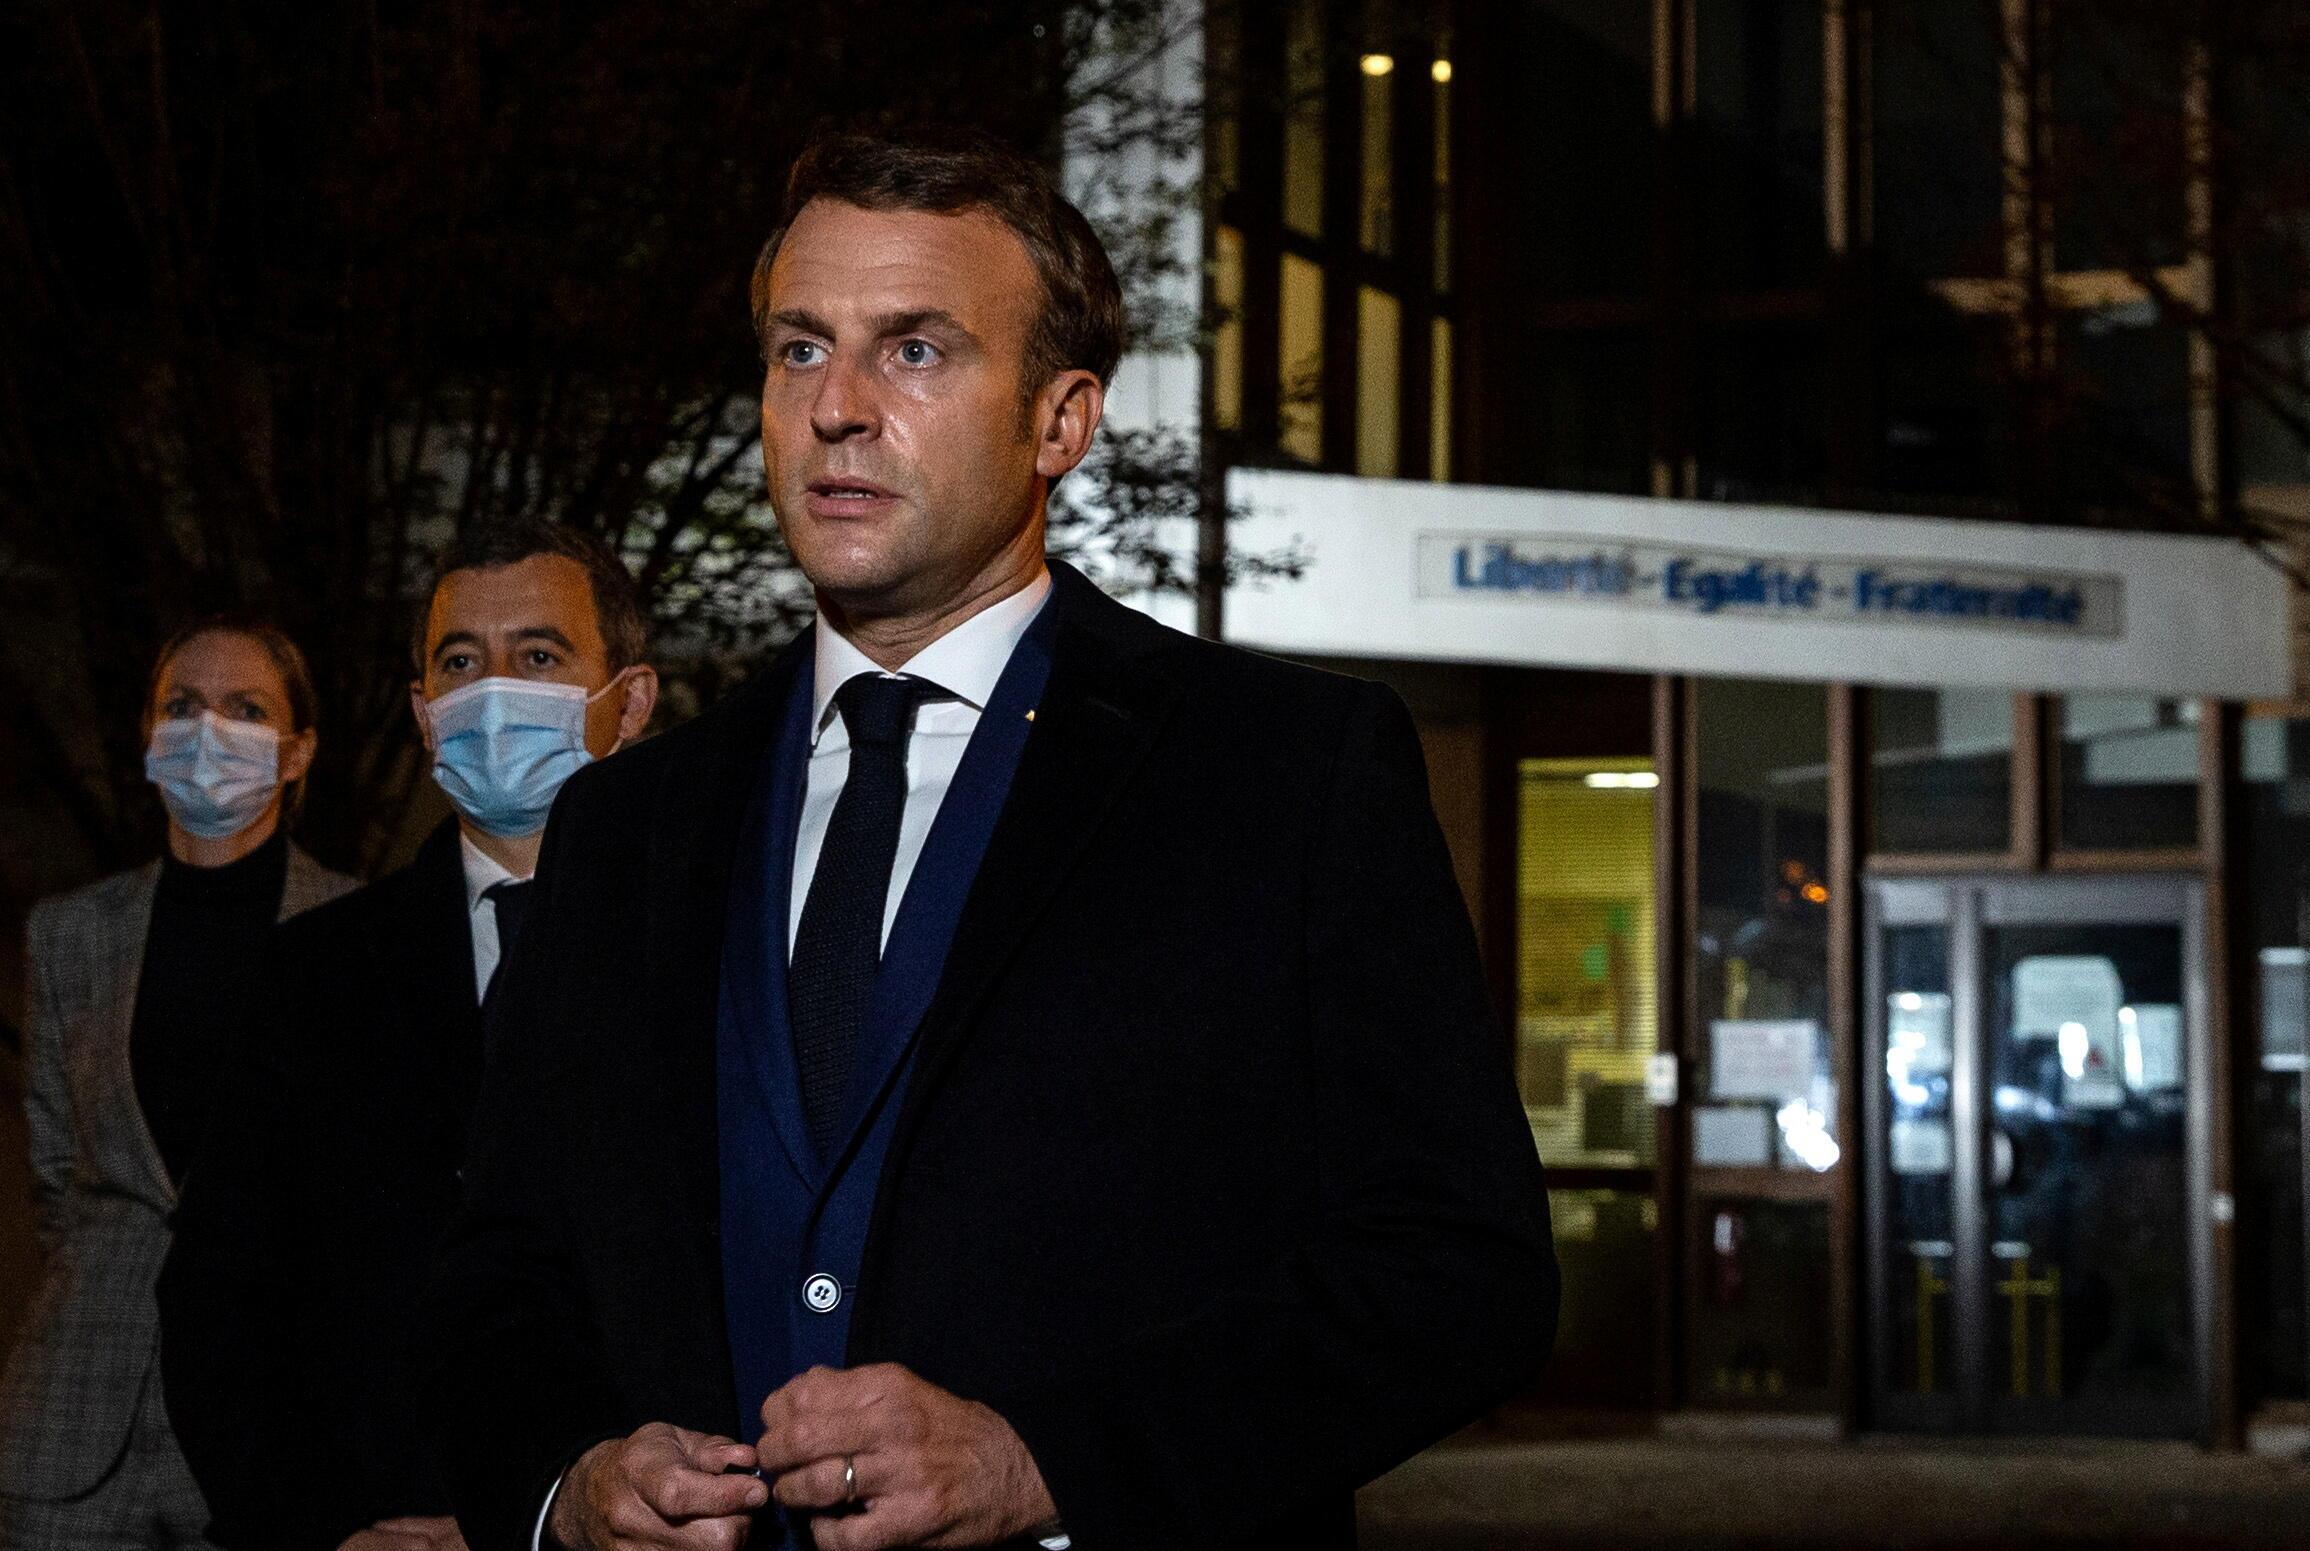 Президент Франции Эмманюэль Макрон у школы в Конфлан-Сент-Онорин, возле которой был убит преподаватель Самюэль Пати, 16 октября 2020 г.